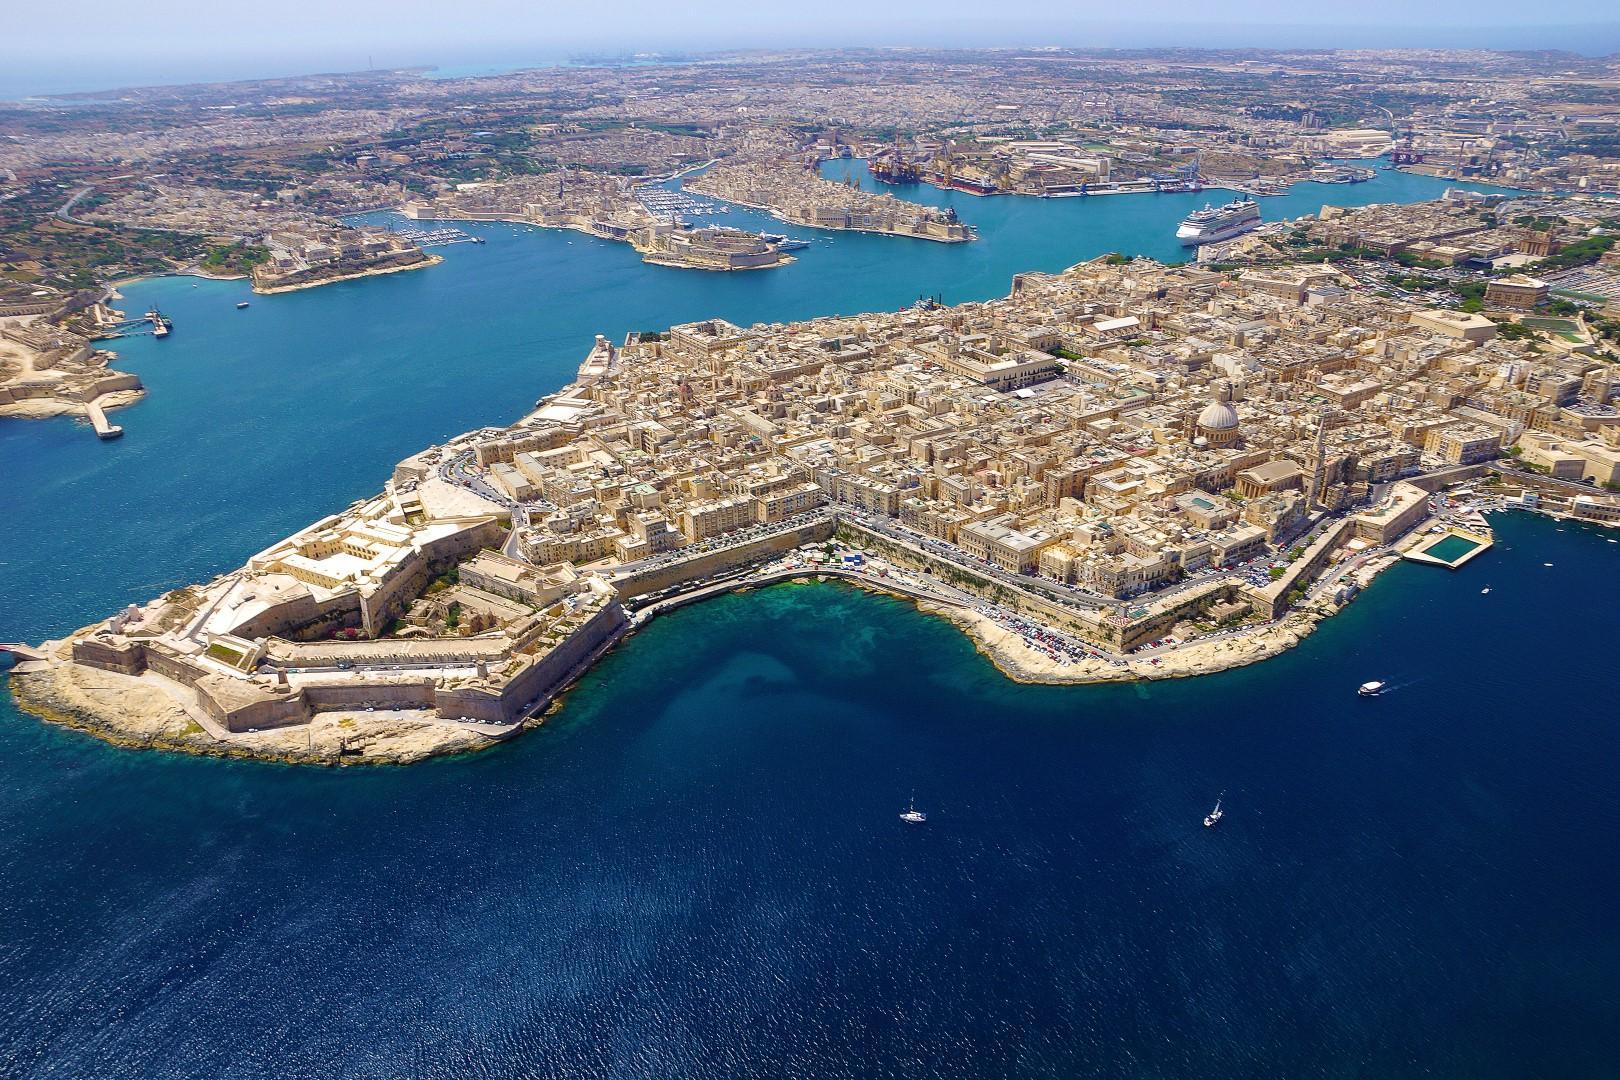 Malta 2018: La Valletta  bella come cristallo